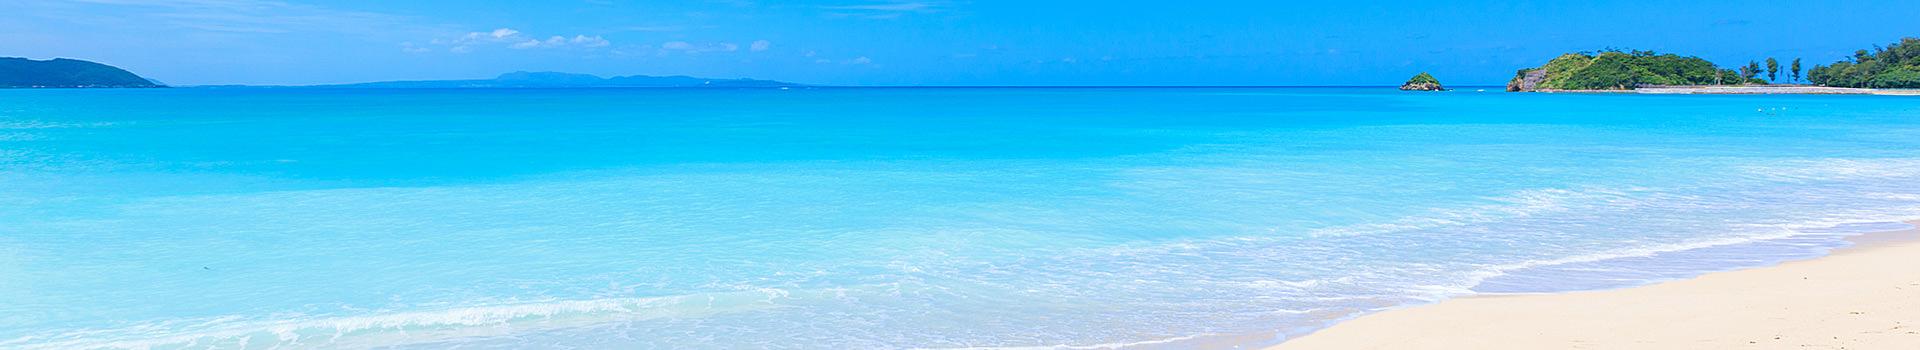 お問合せ | 沖縄古宇利島 貸別荘ヴィラ宿泊の古宇利島ロテルズ